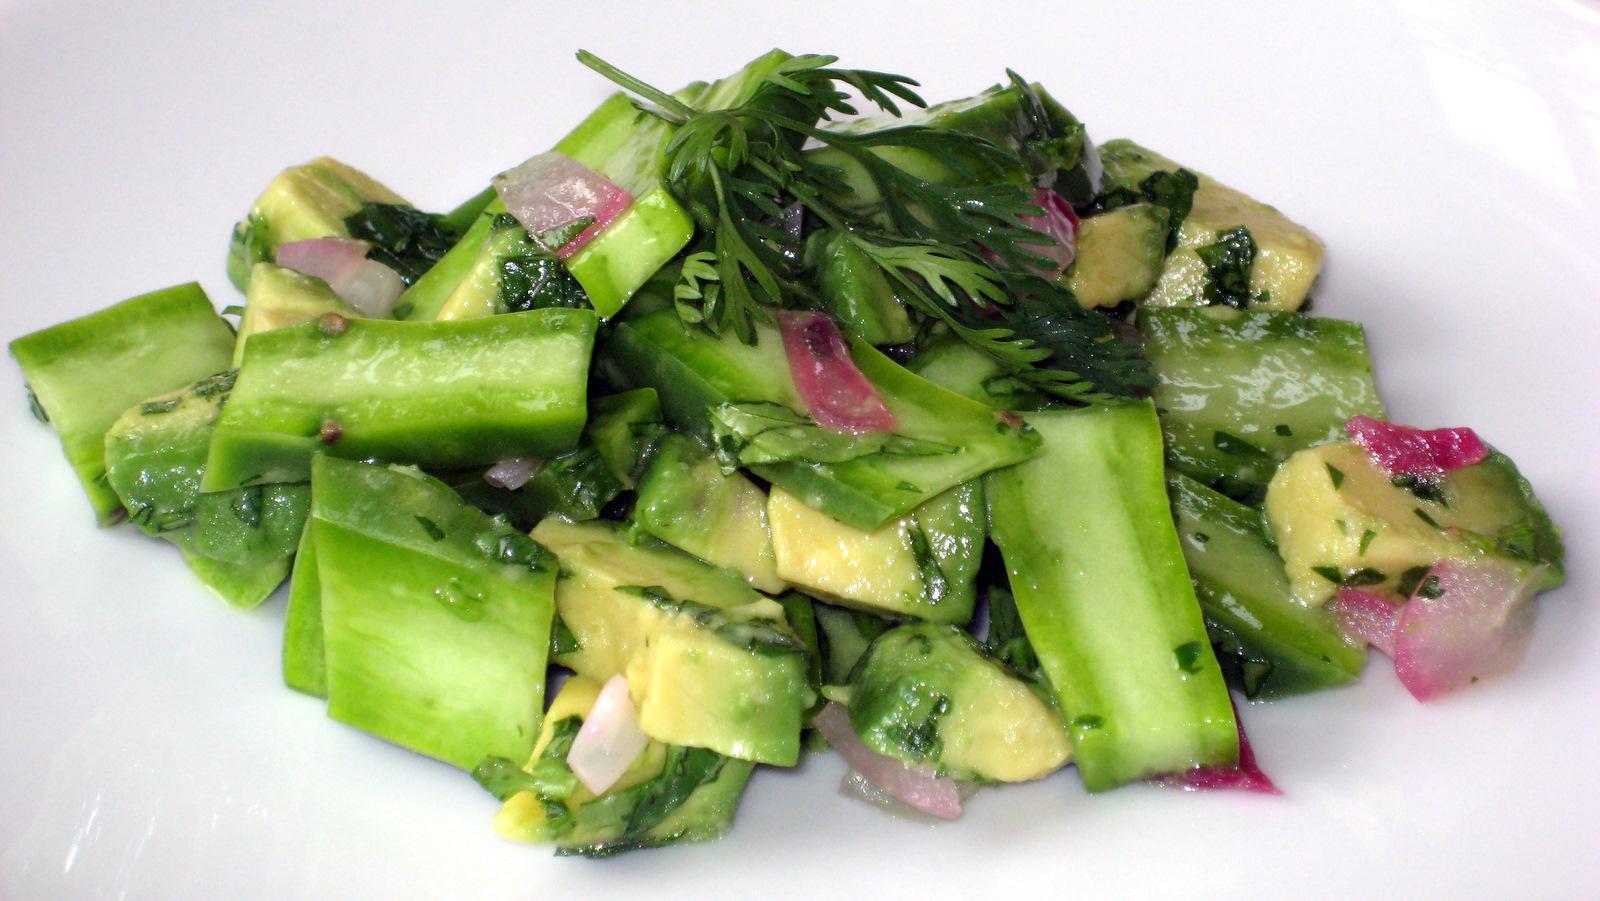 http://3.bp.blogspot.com/-QnifR6pk56E/TgIcu3yFStI/AAAAAAAABK0/VXHJasJrUdM/s1600/nopalitos+salad+with+avocado.JPG